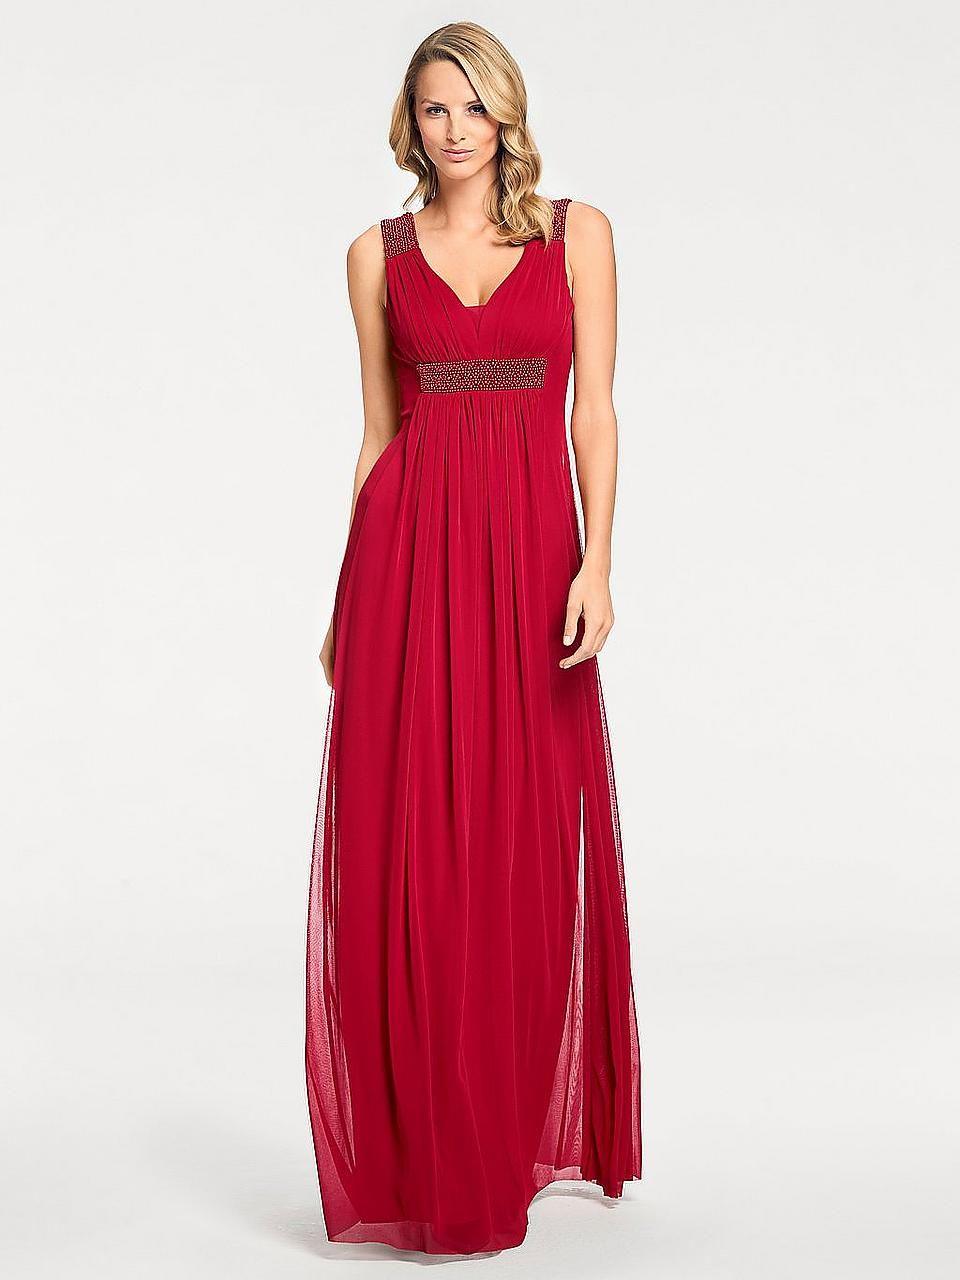 heine TIMELESS Abendkleid Zierperlen shoppen  Abendkleid, Kleider